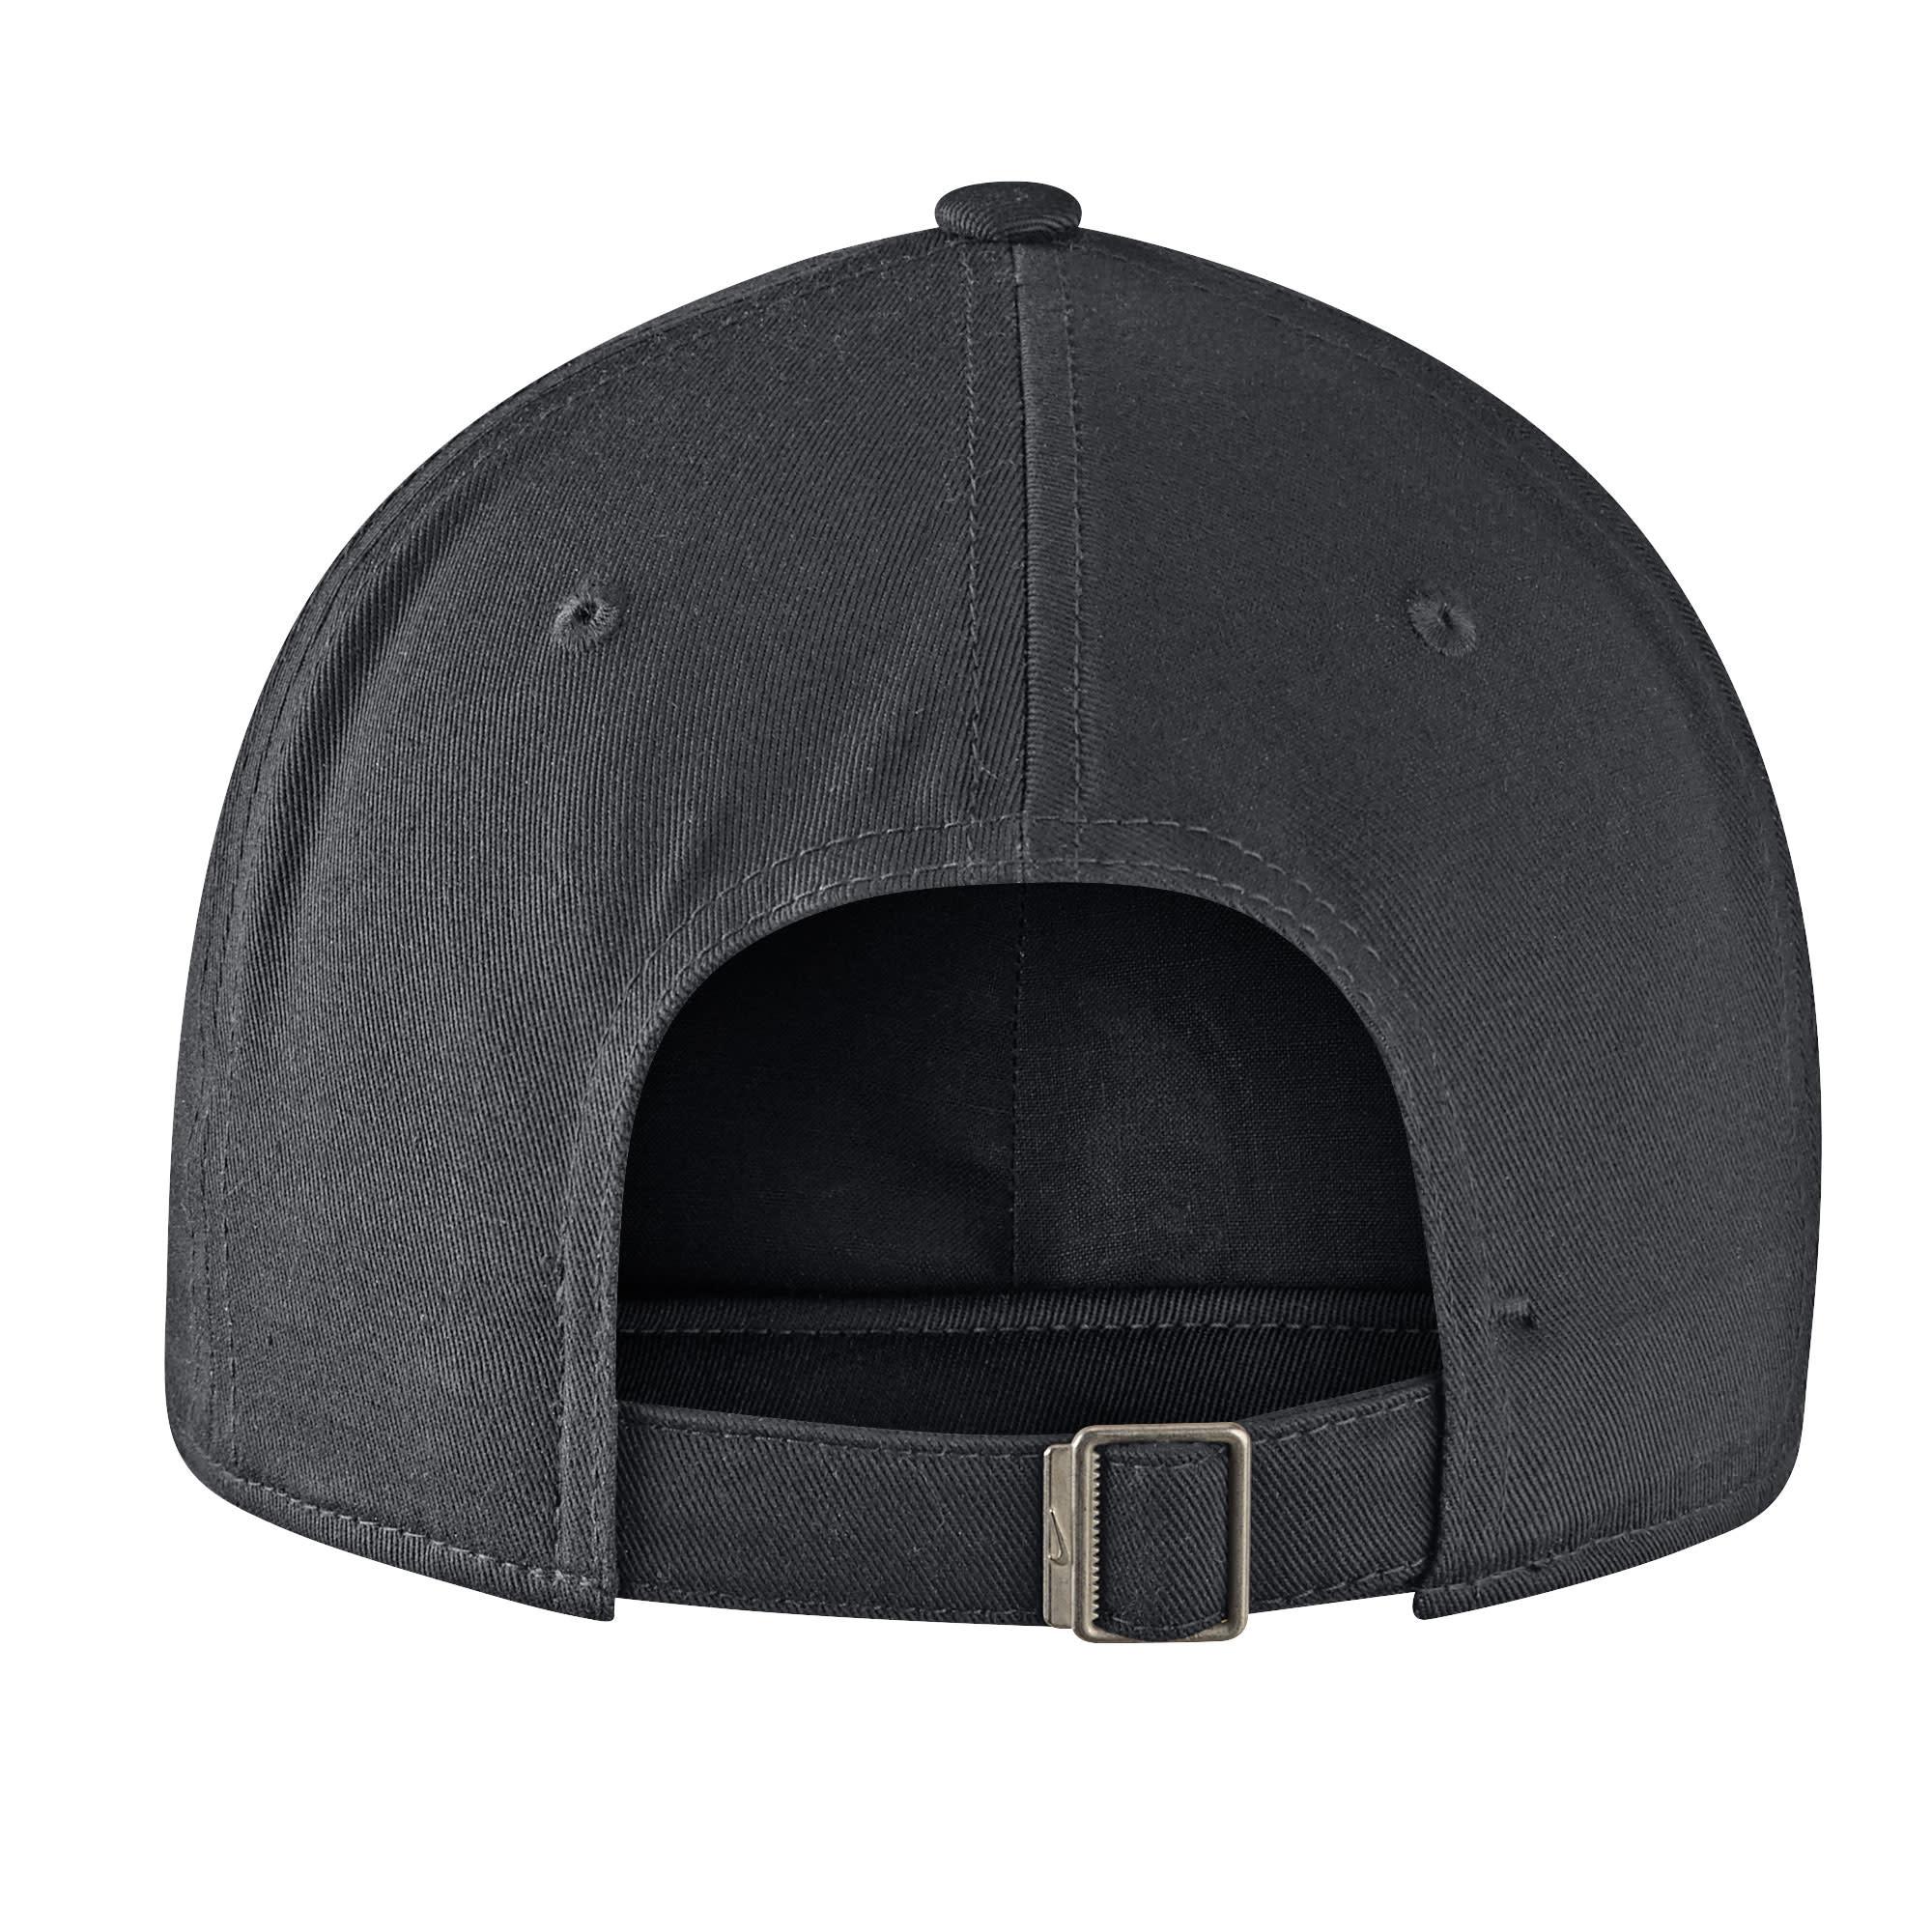 Nike Hat: Campus Cap Anthracite